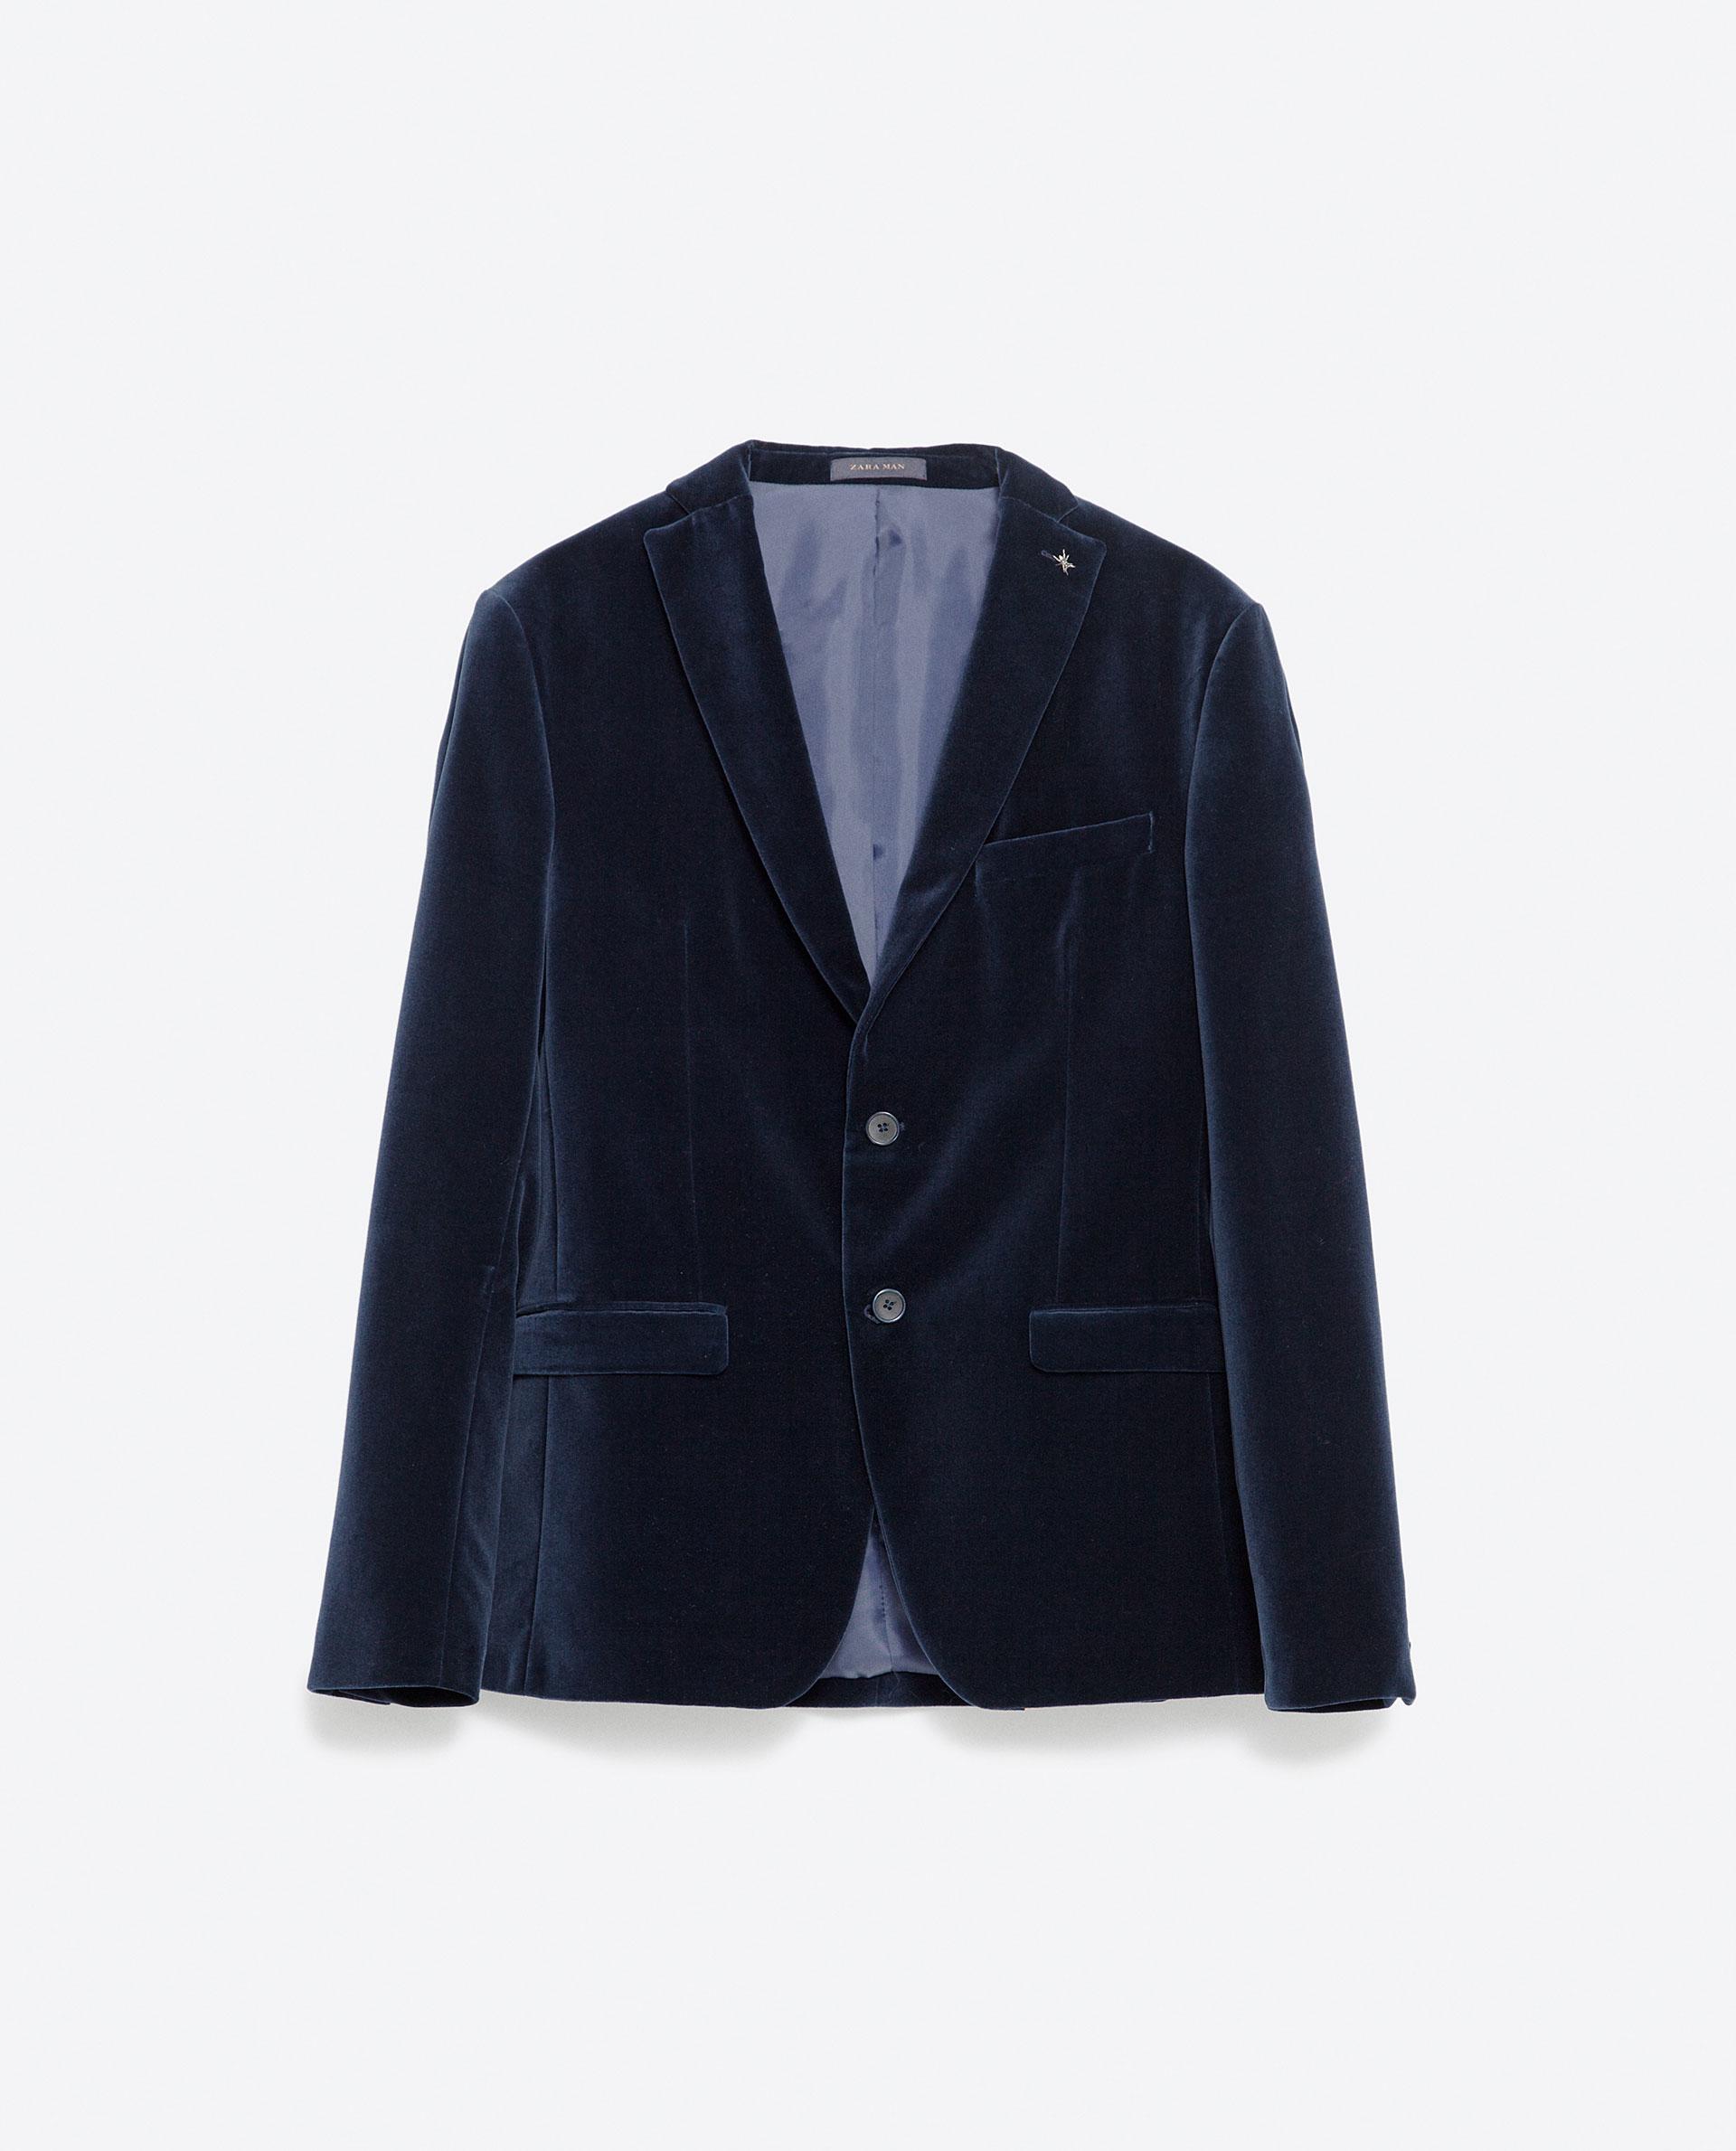 Blue Velvet Blazer Men Zara | Www.imgkid.com - The Image Kid Has It!